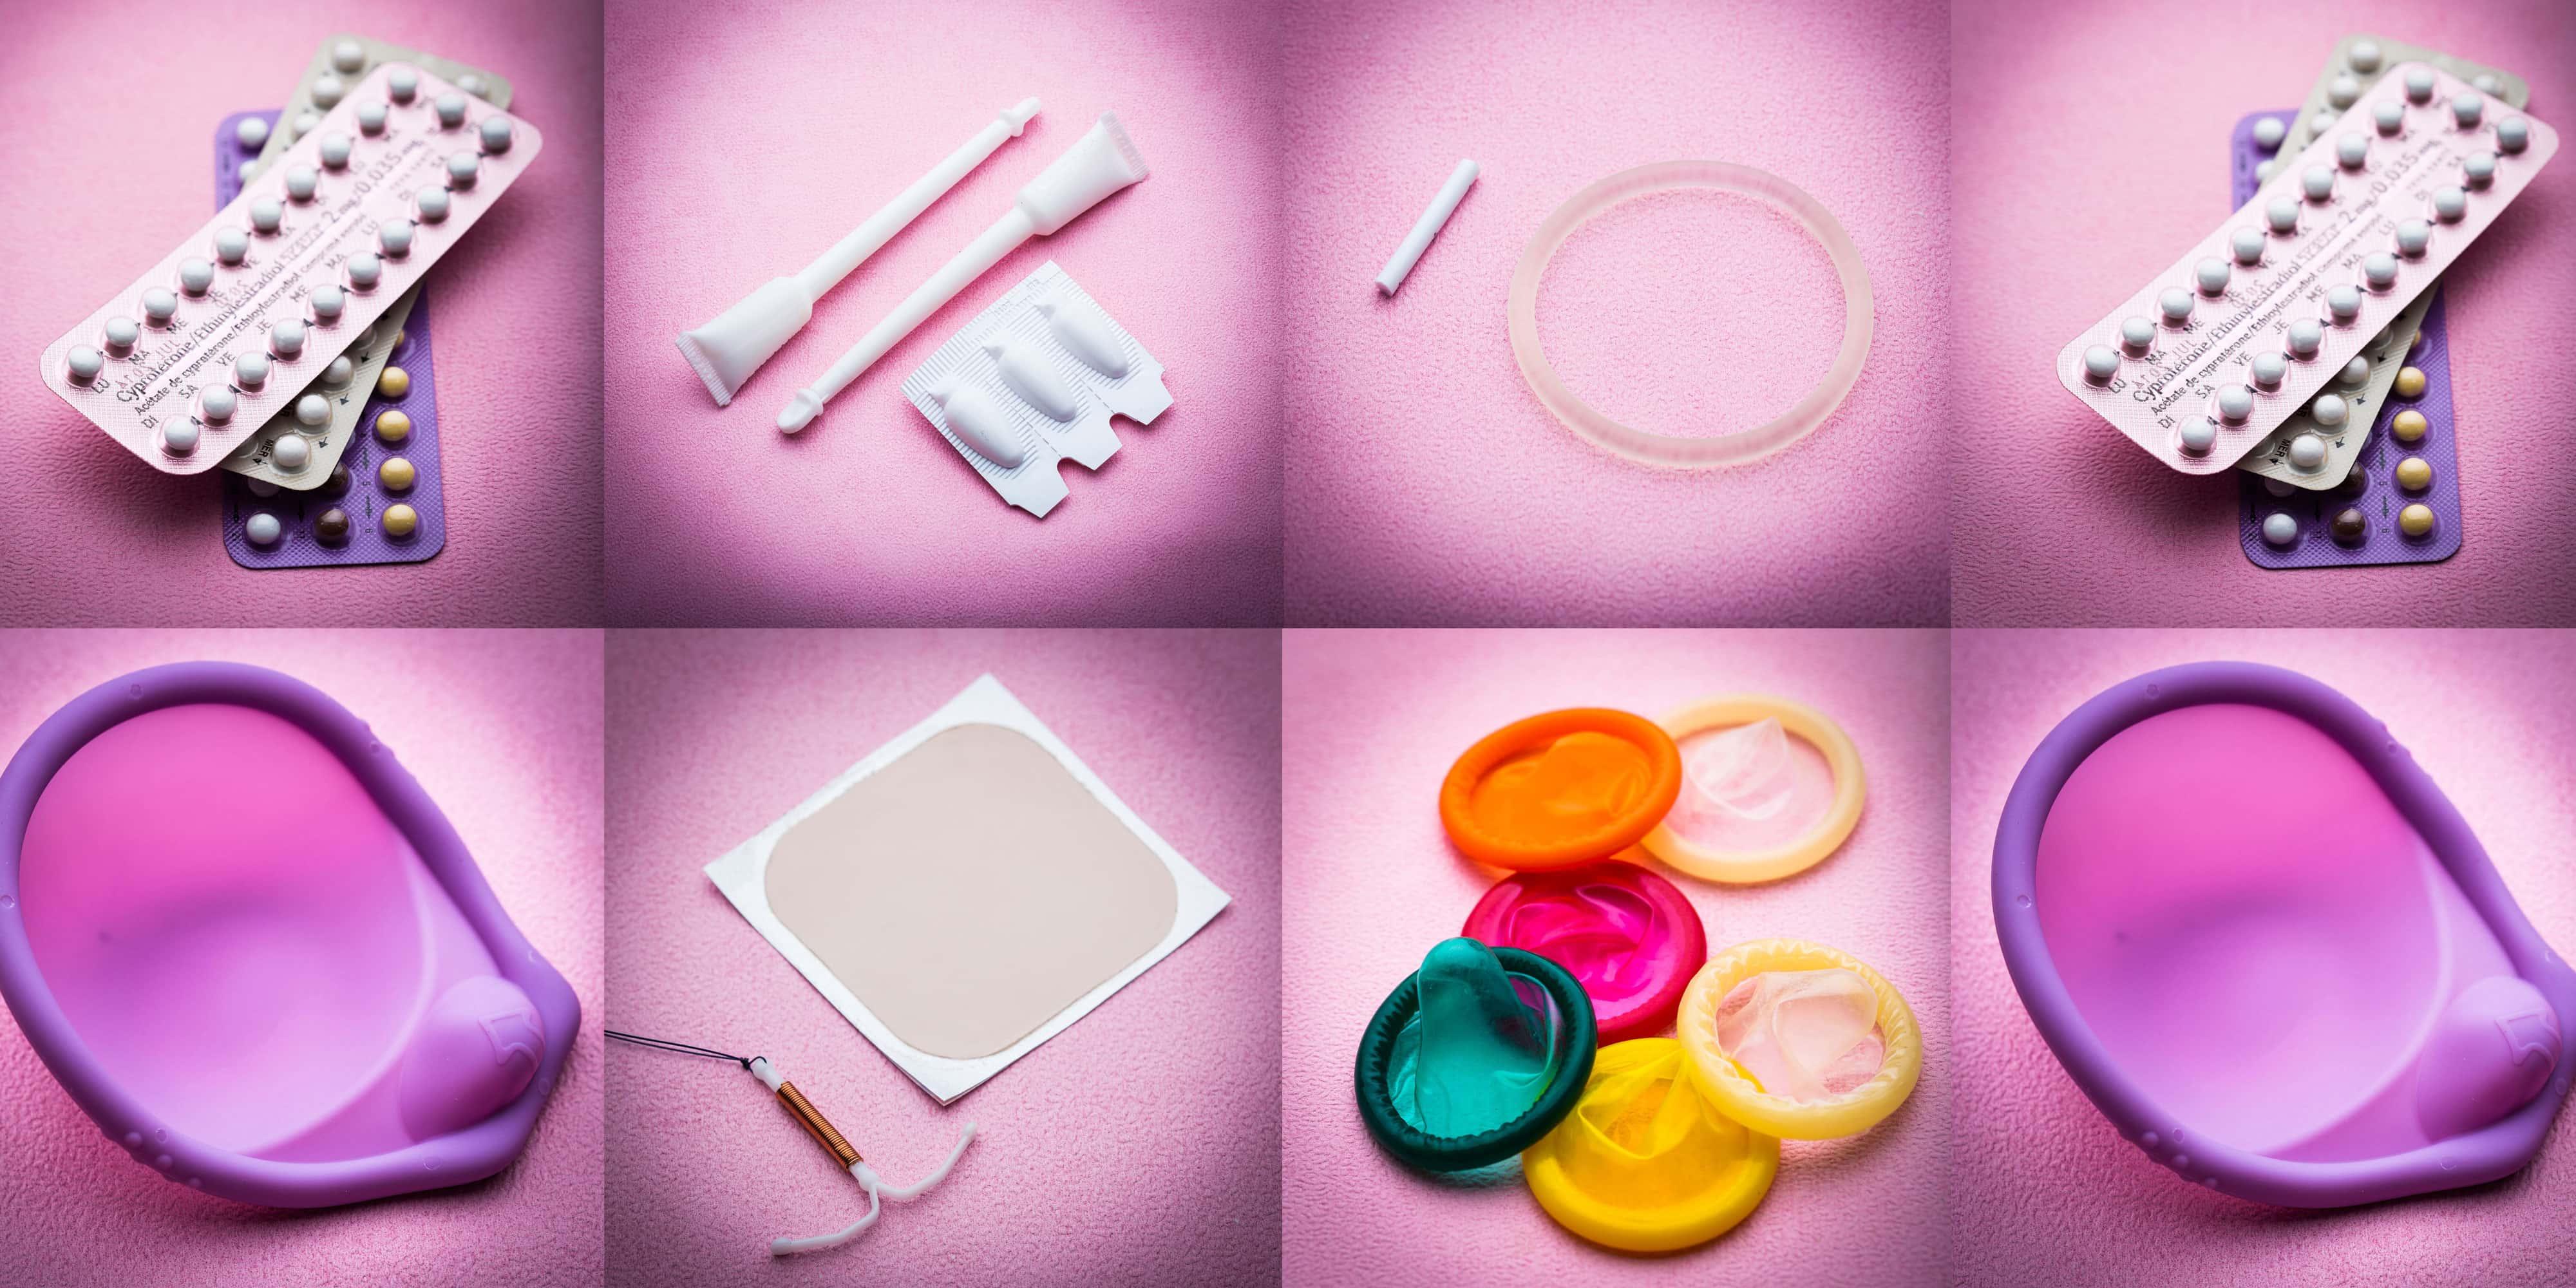 The craziest contraceptive